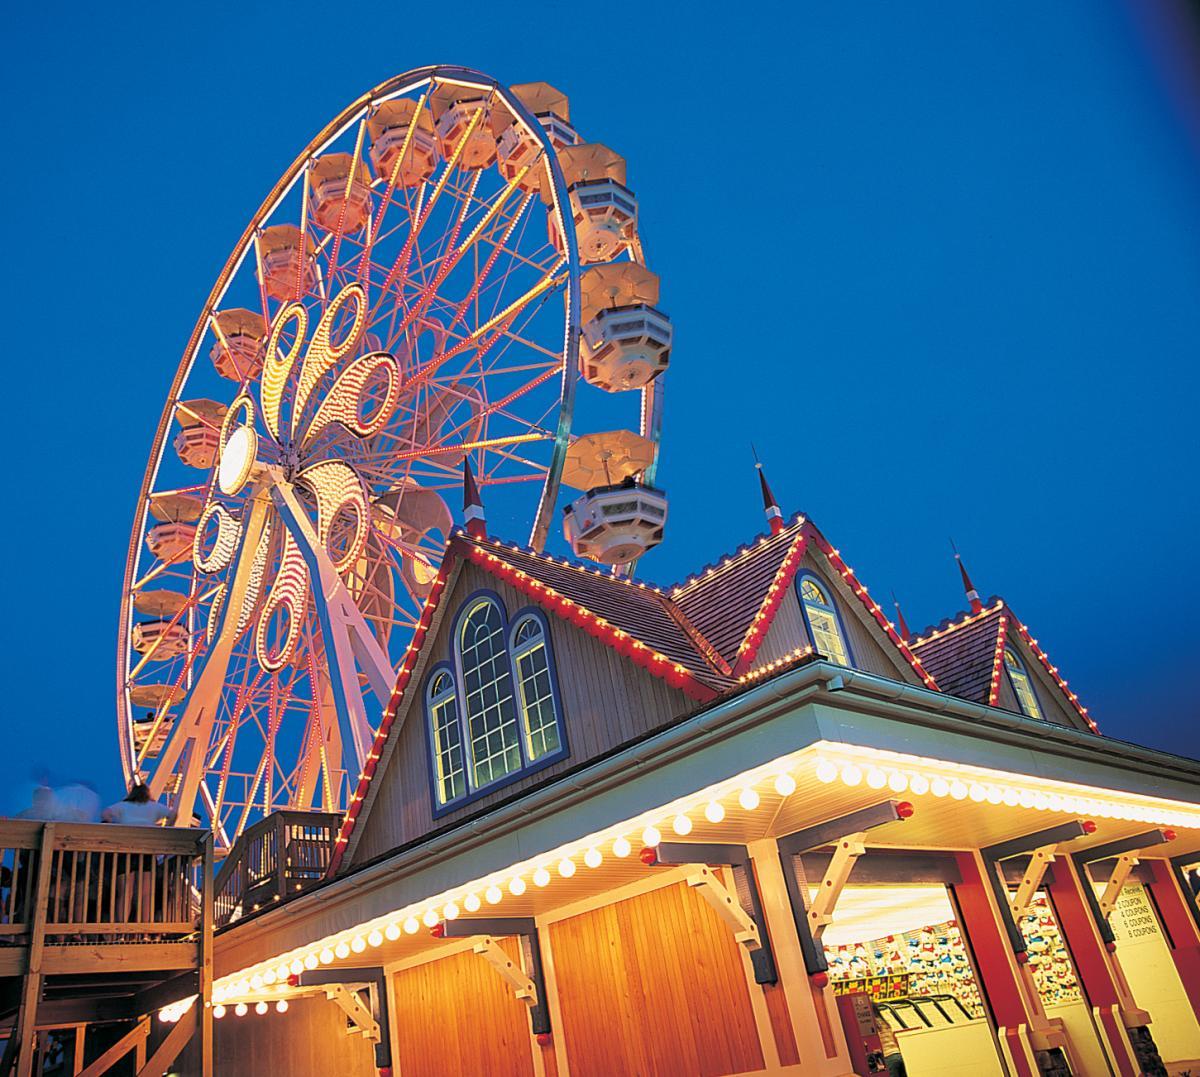 Hersheypark® Ferris Wheel